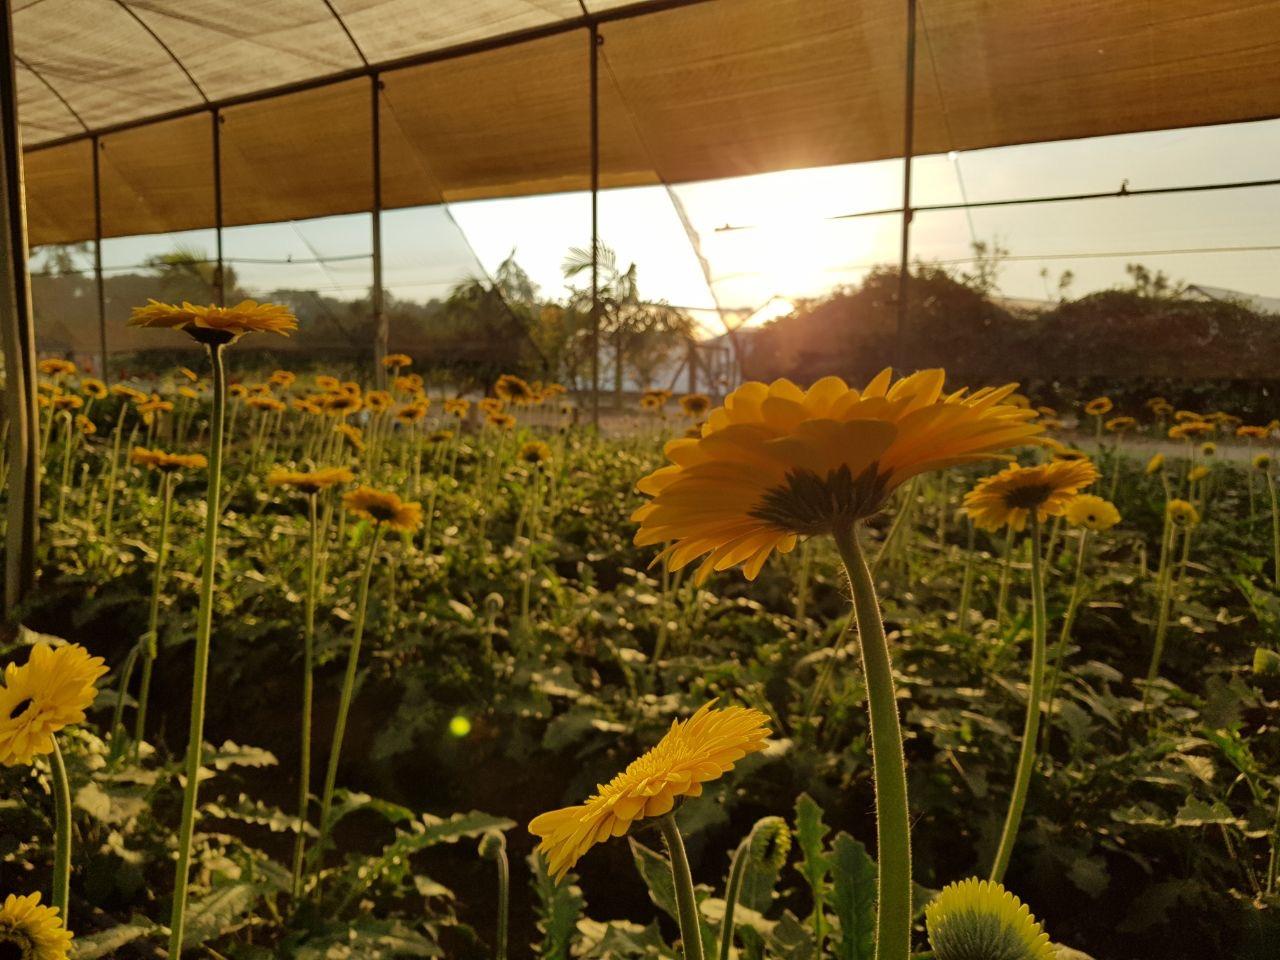 flores em estufa com sol ao fundo